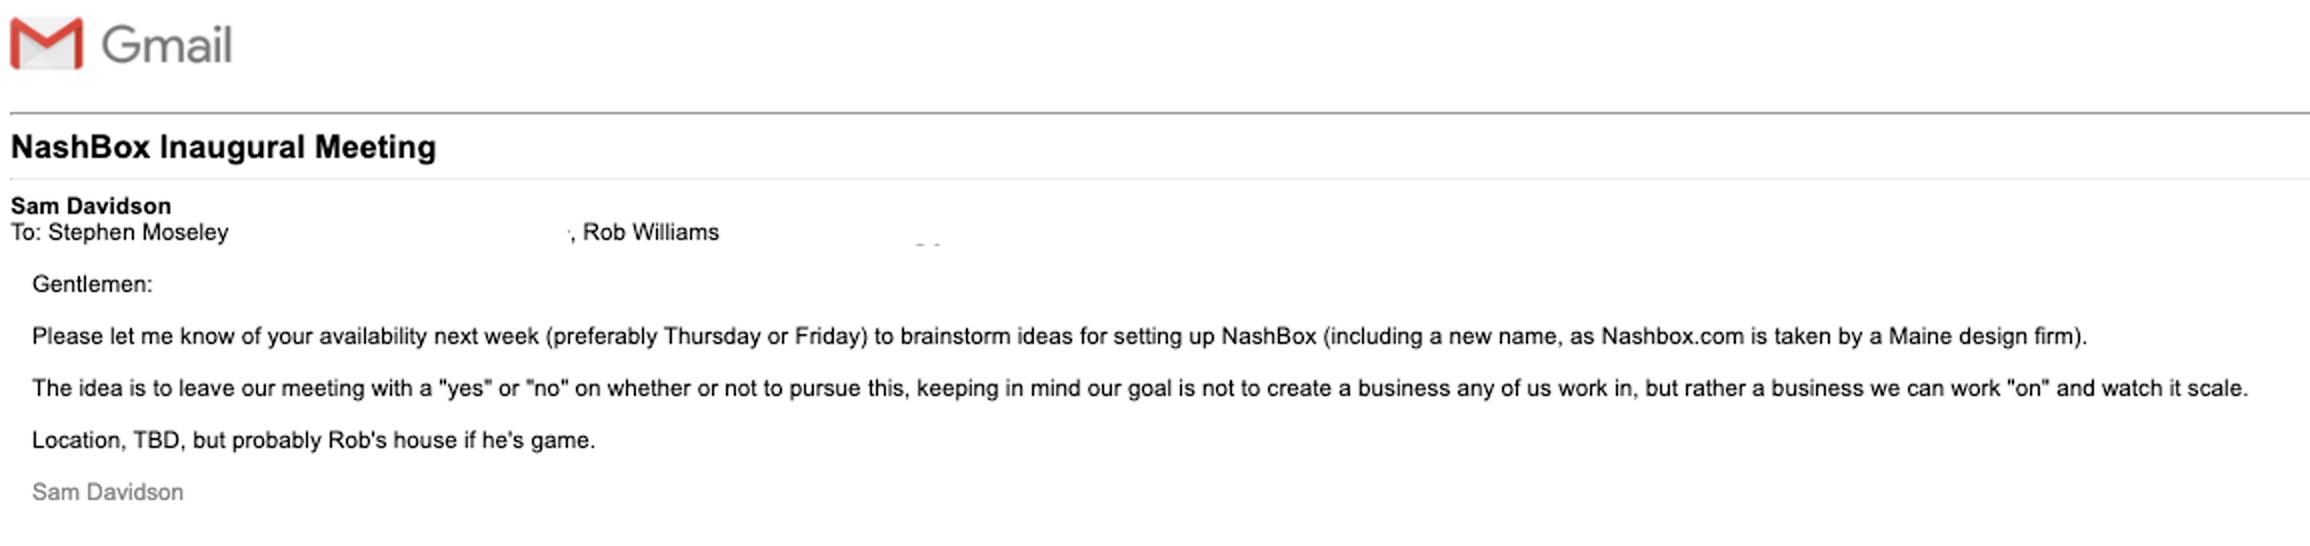 NashBox Inaugural Meeting